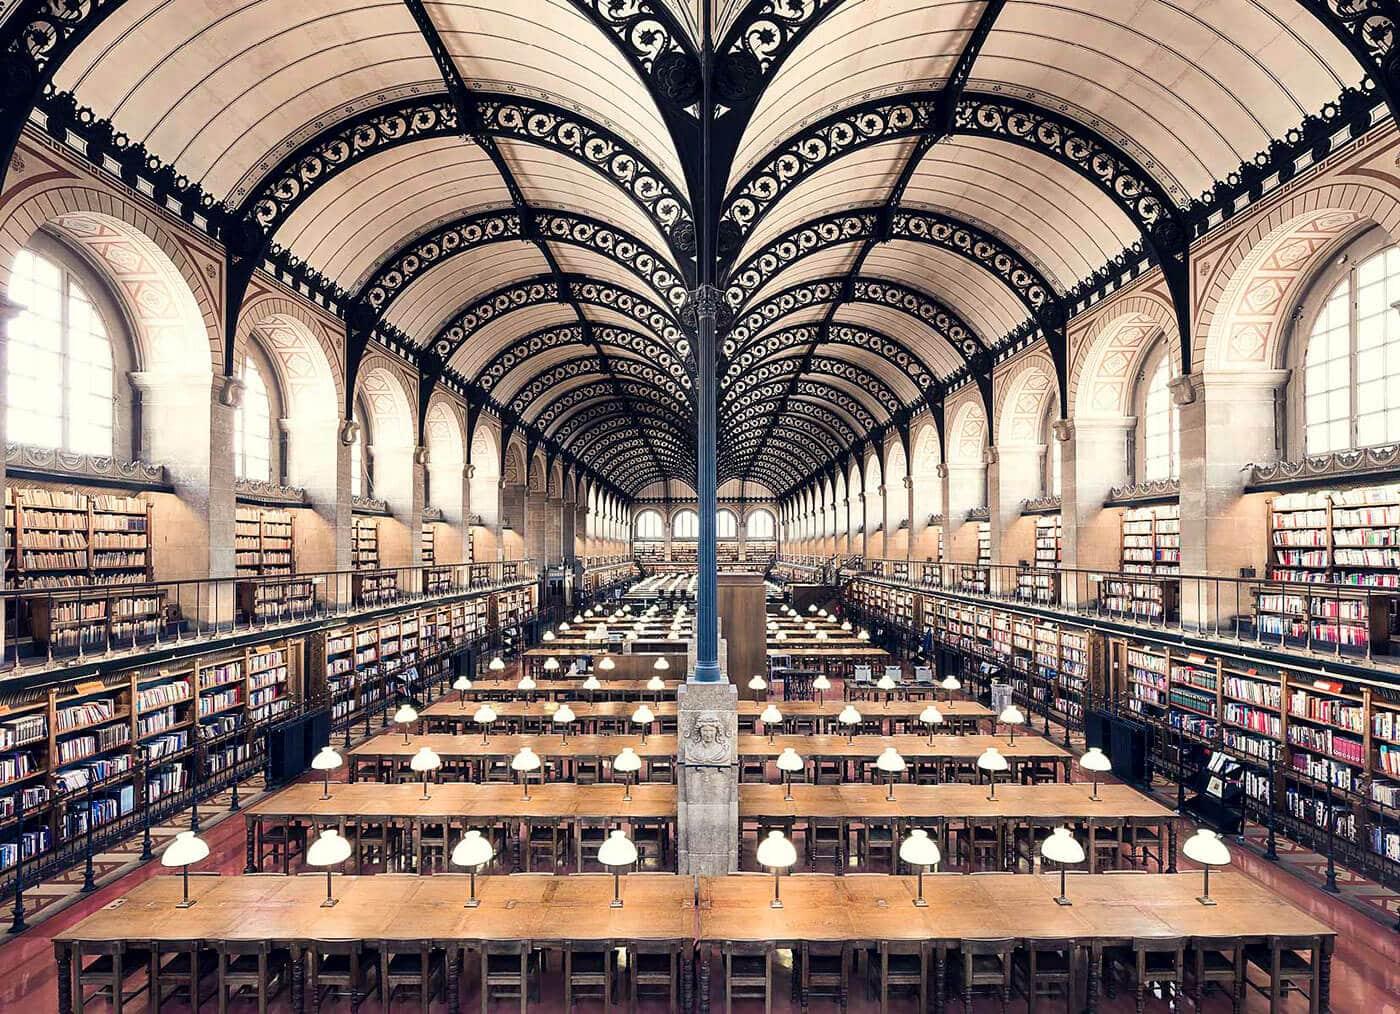 Библиотека Сен-Женевьев, Париж, 1850